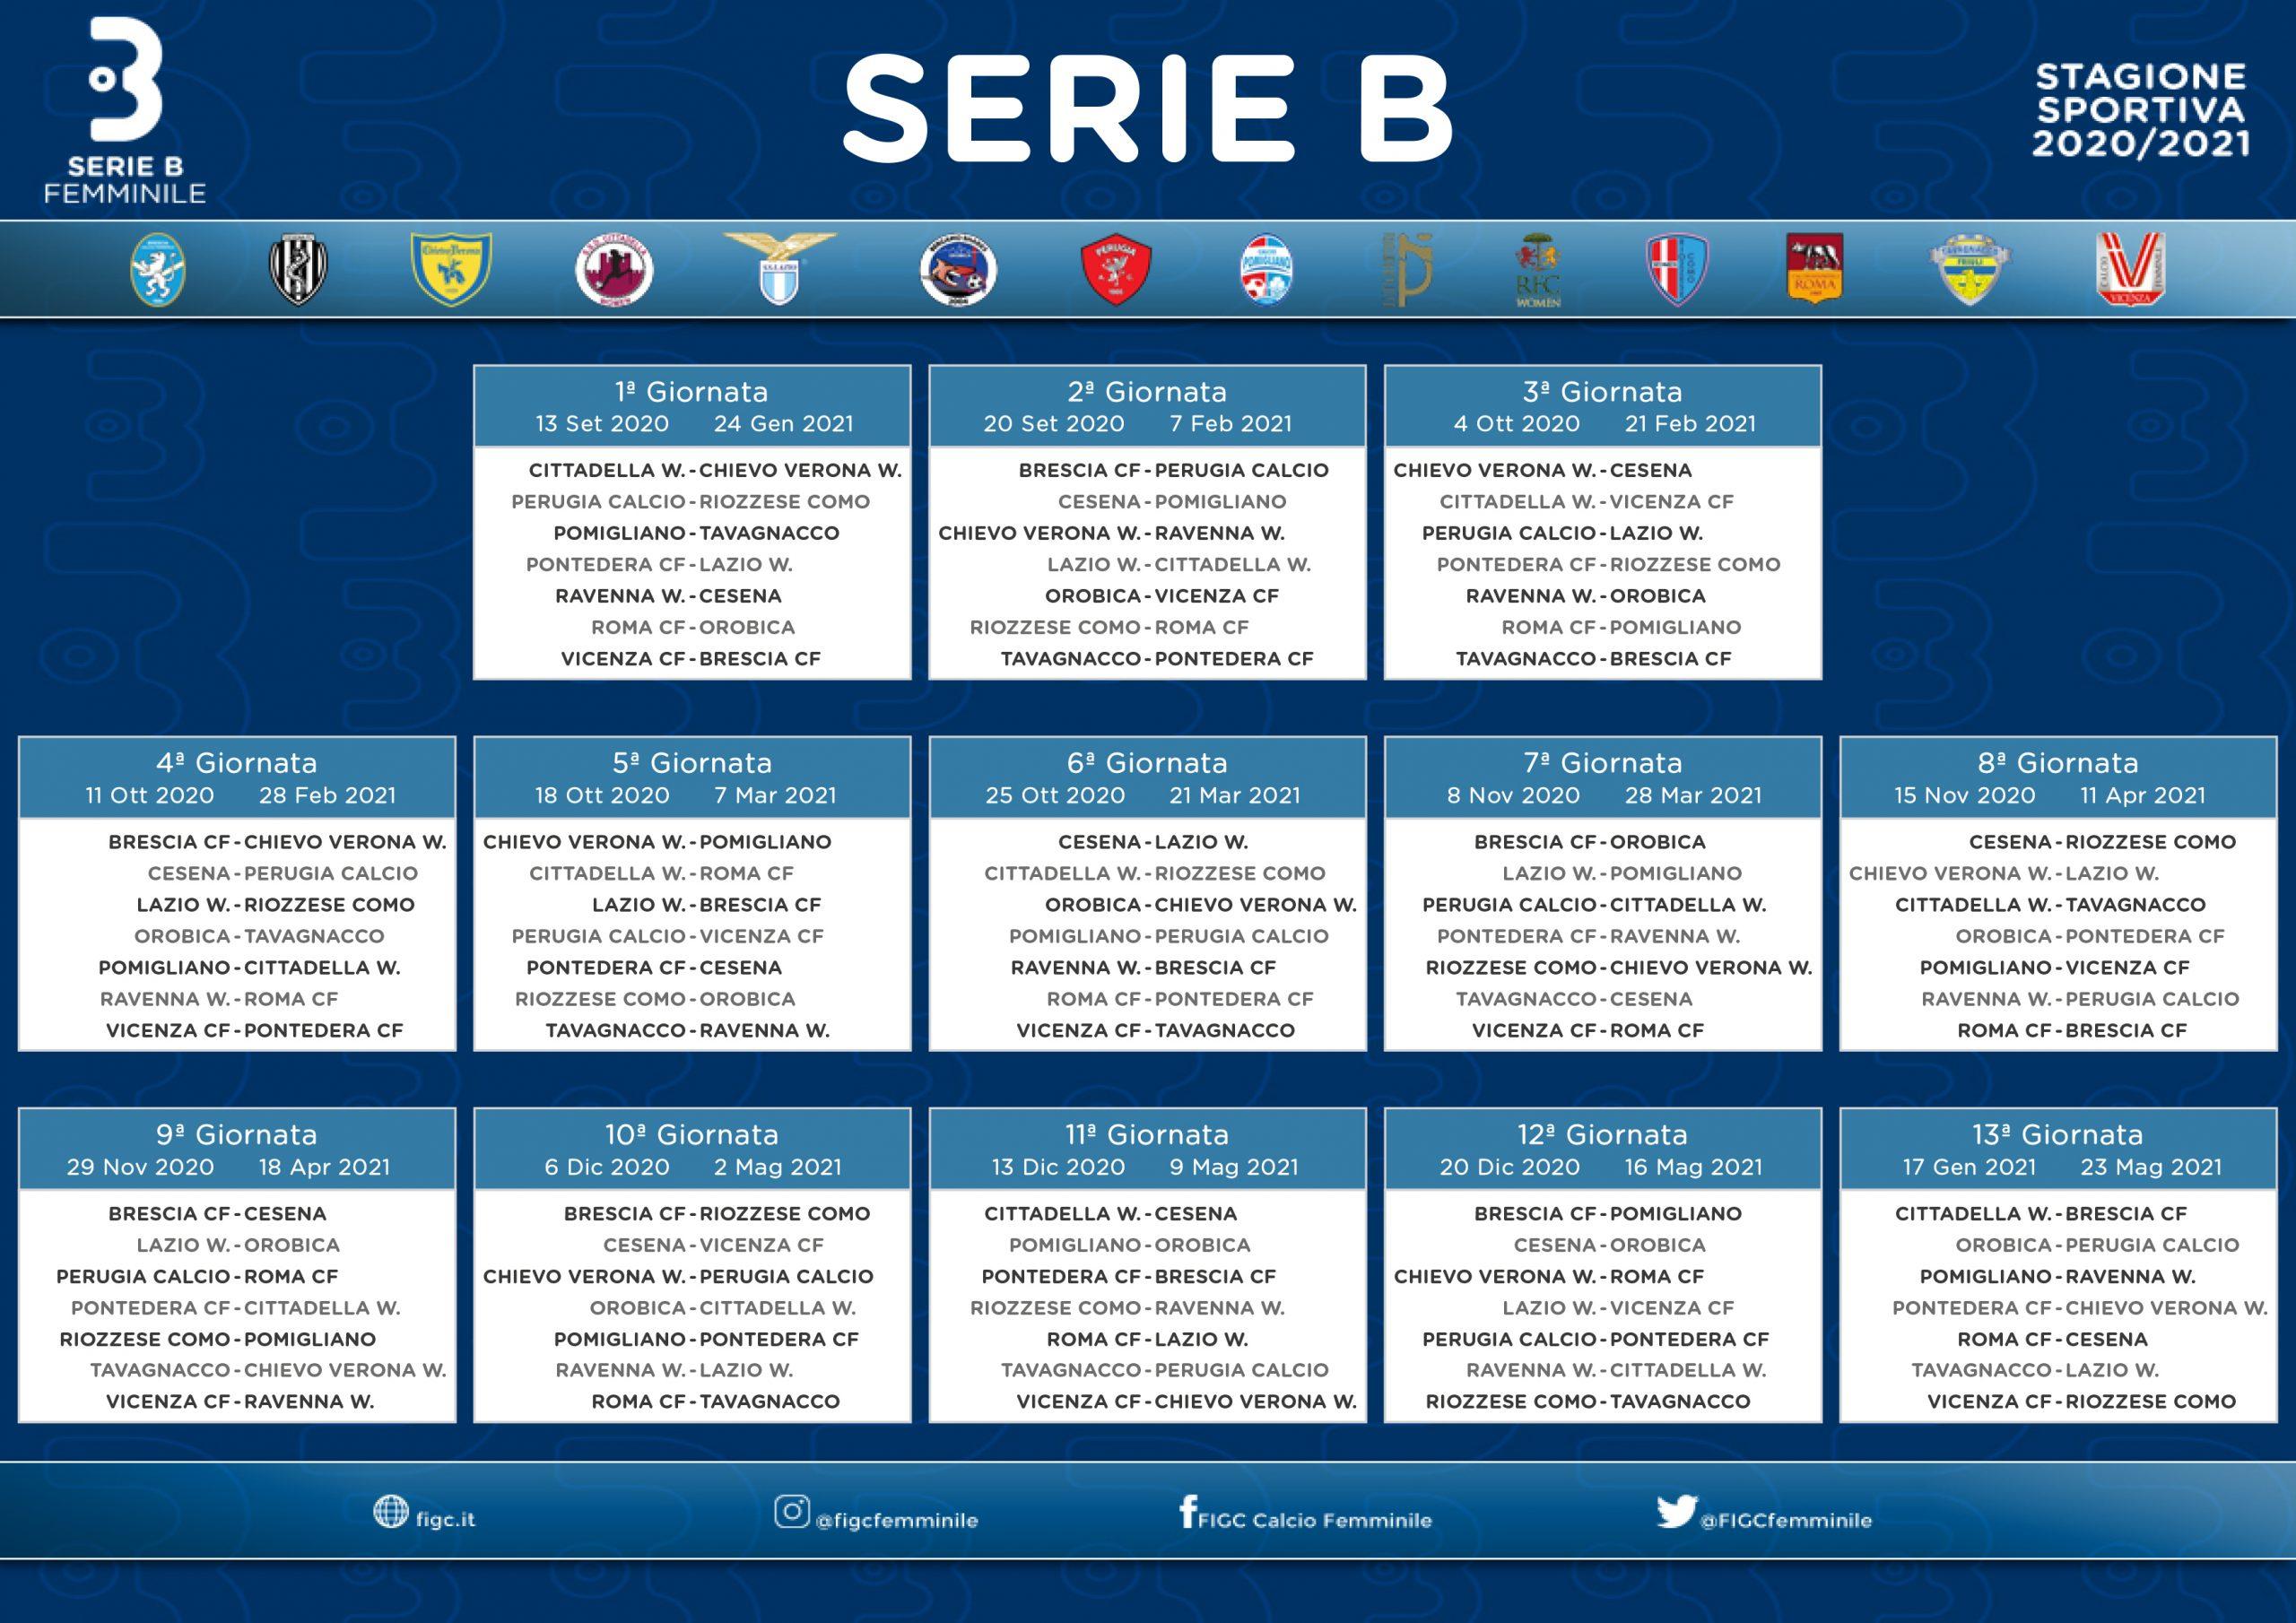 Calendario Serie B Stagione 2020/21